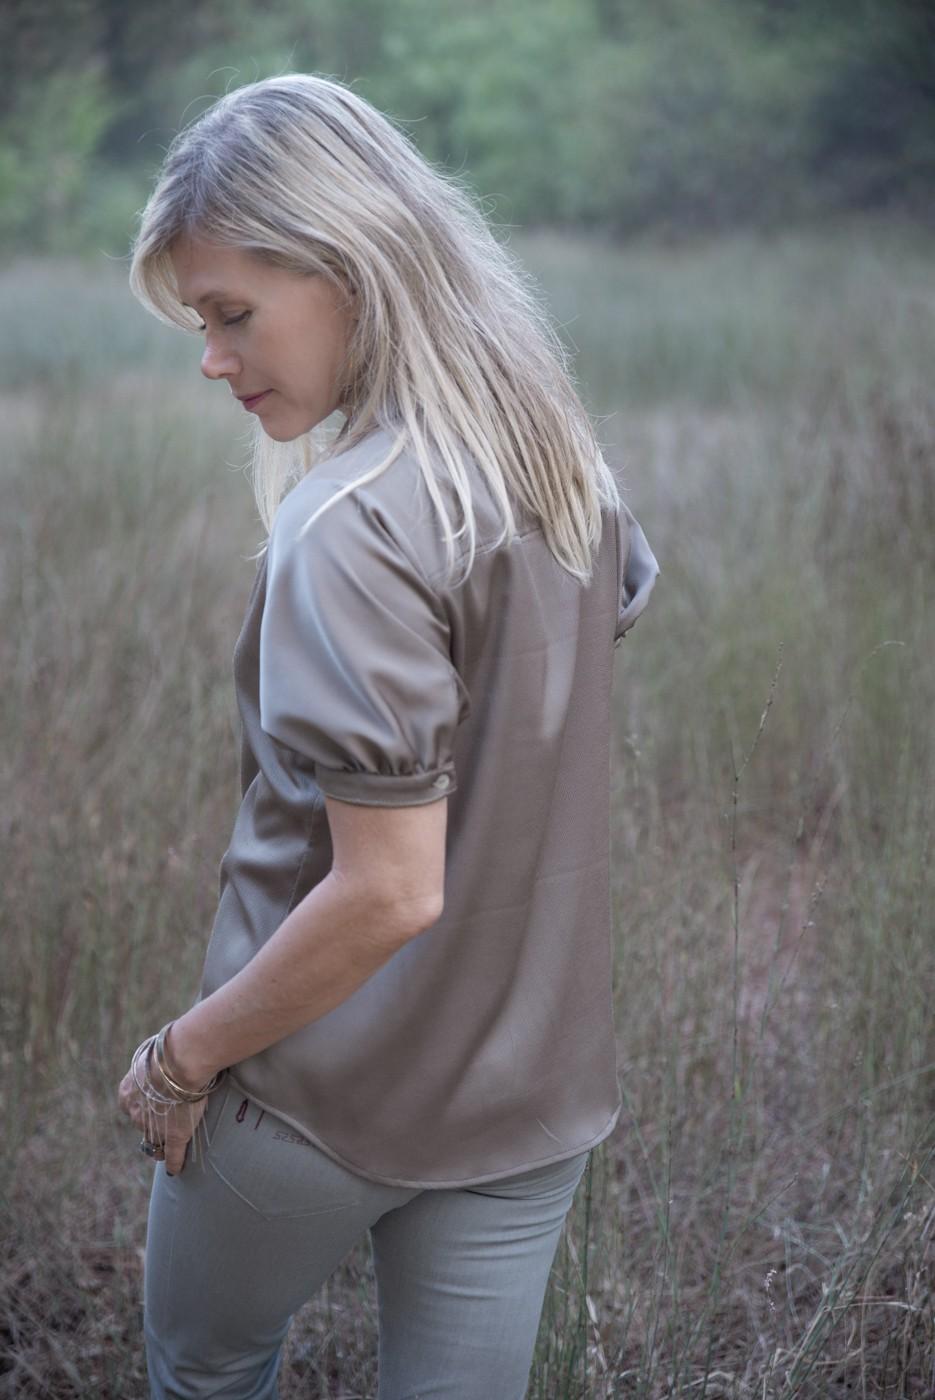 חולצת כפתורים קצרה בצבע זית